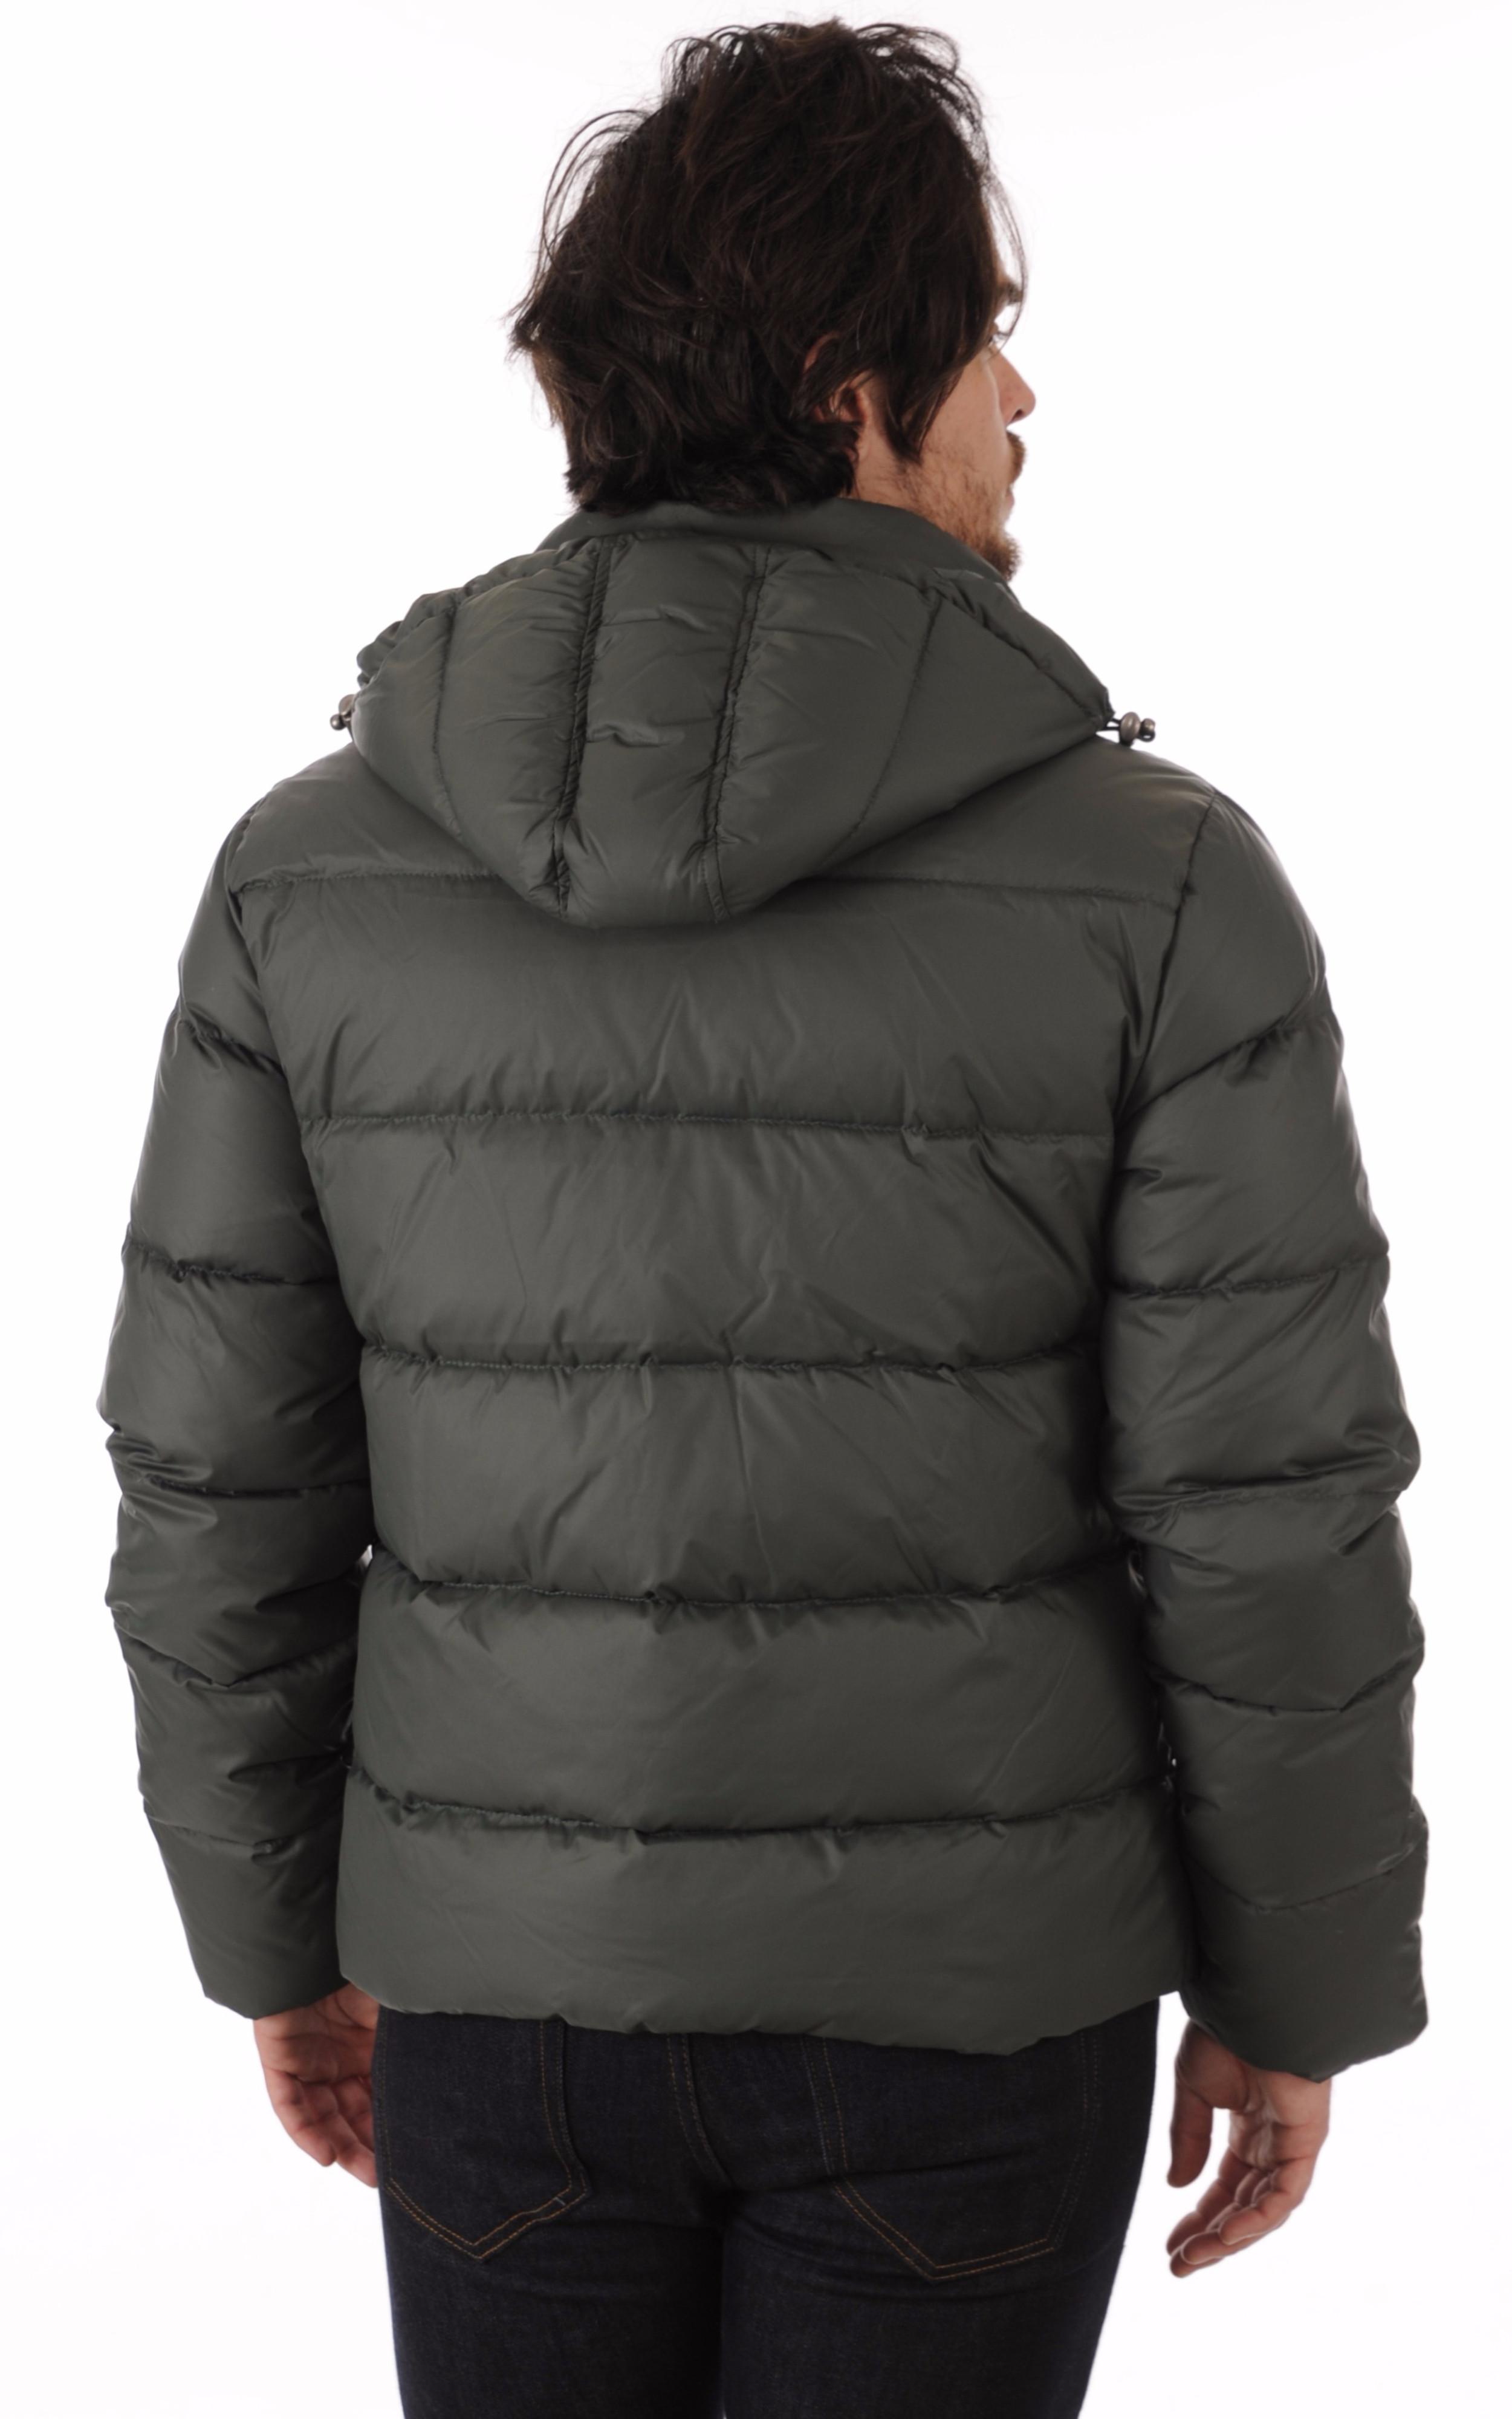 Doudoune Spoutnic Jacket Vert Pyrenex - La Canadienne - Doudoune ... f53df92b17c